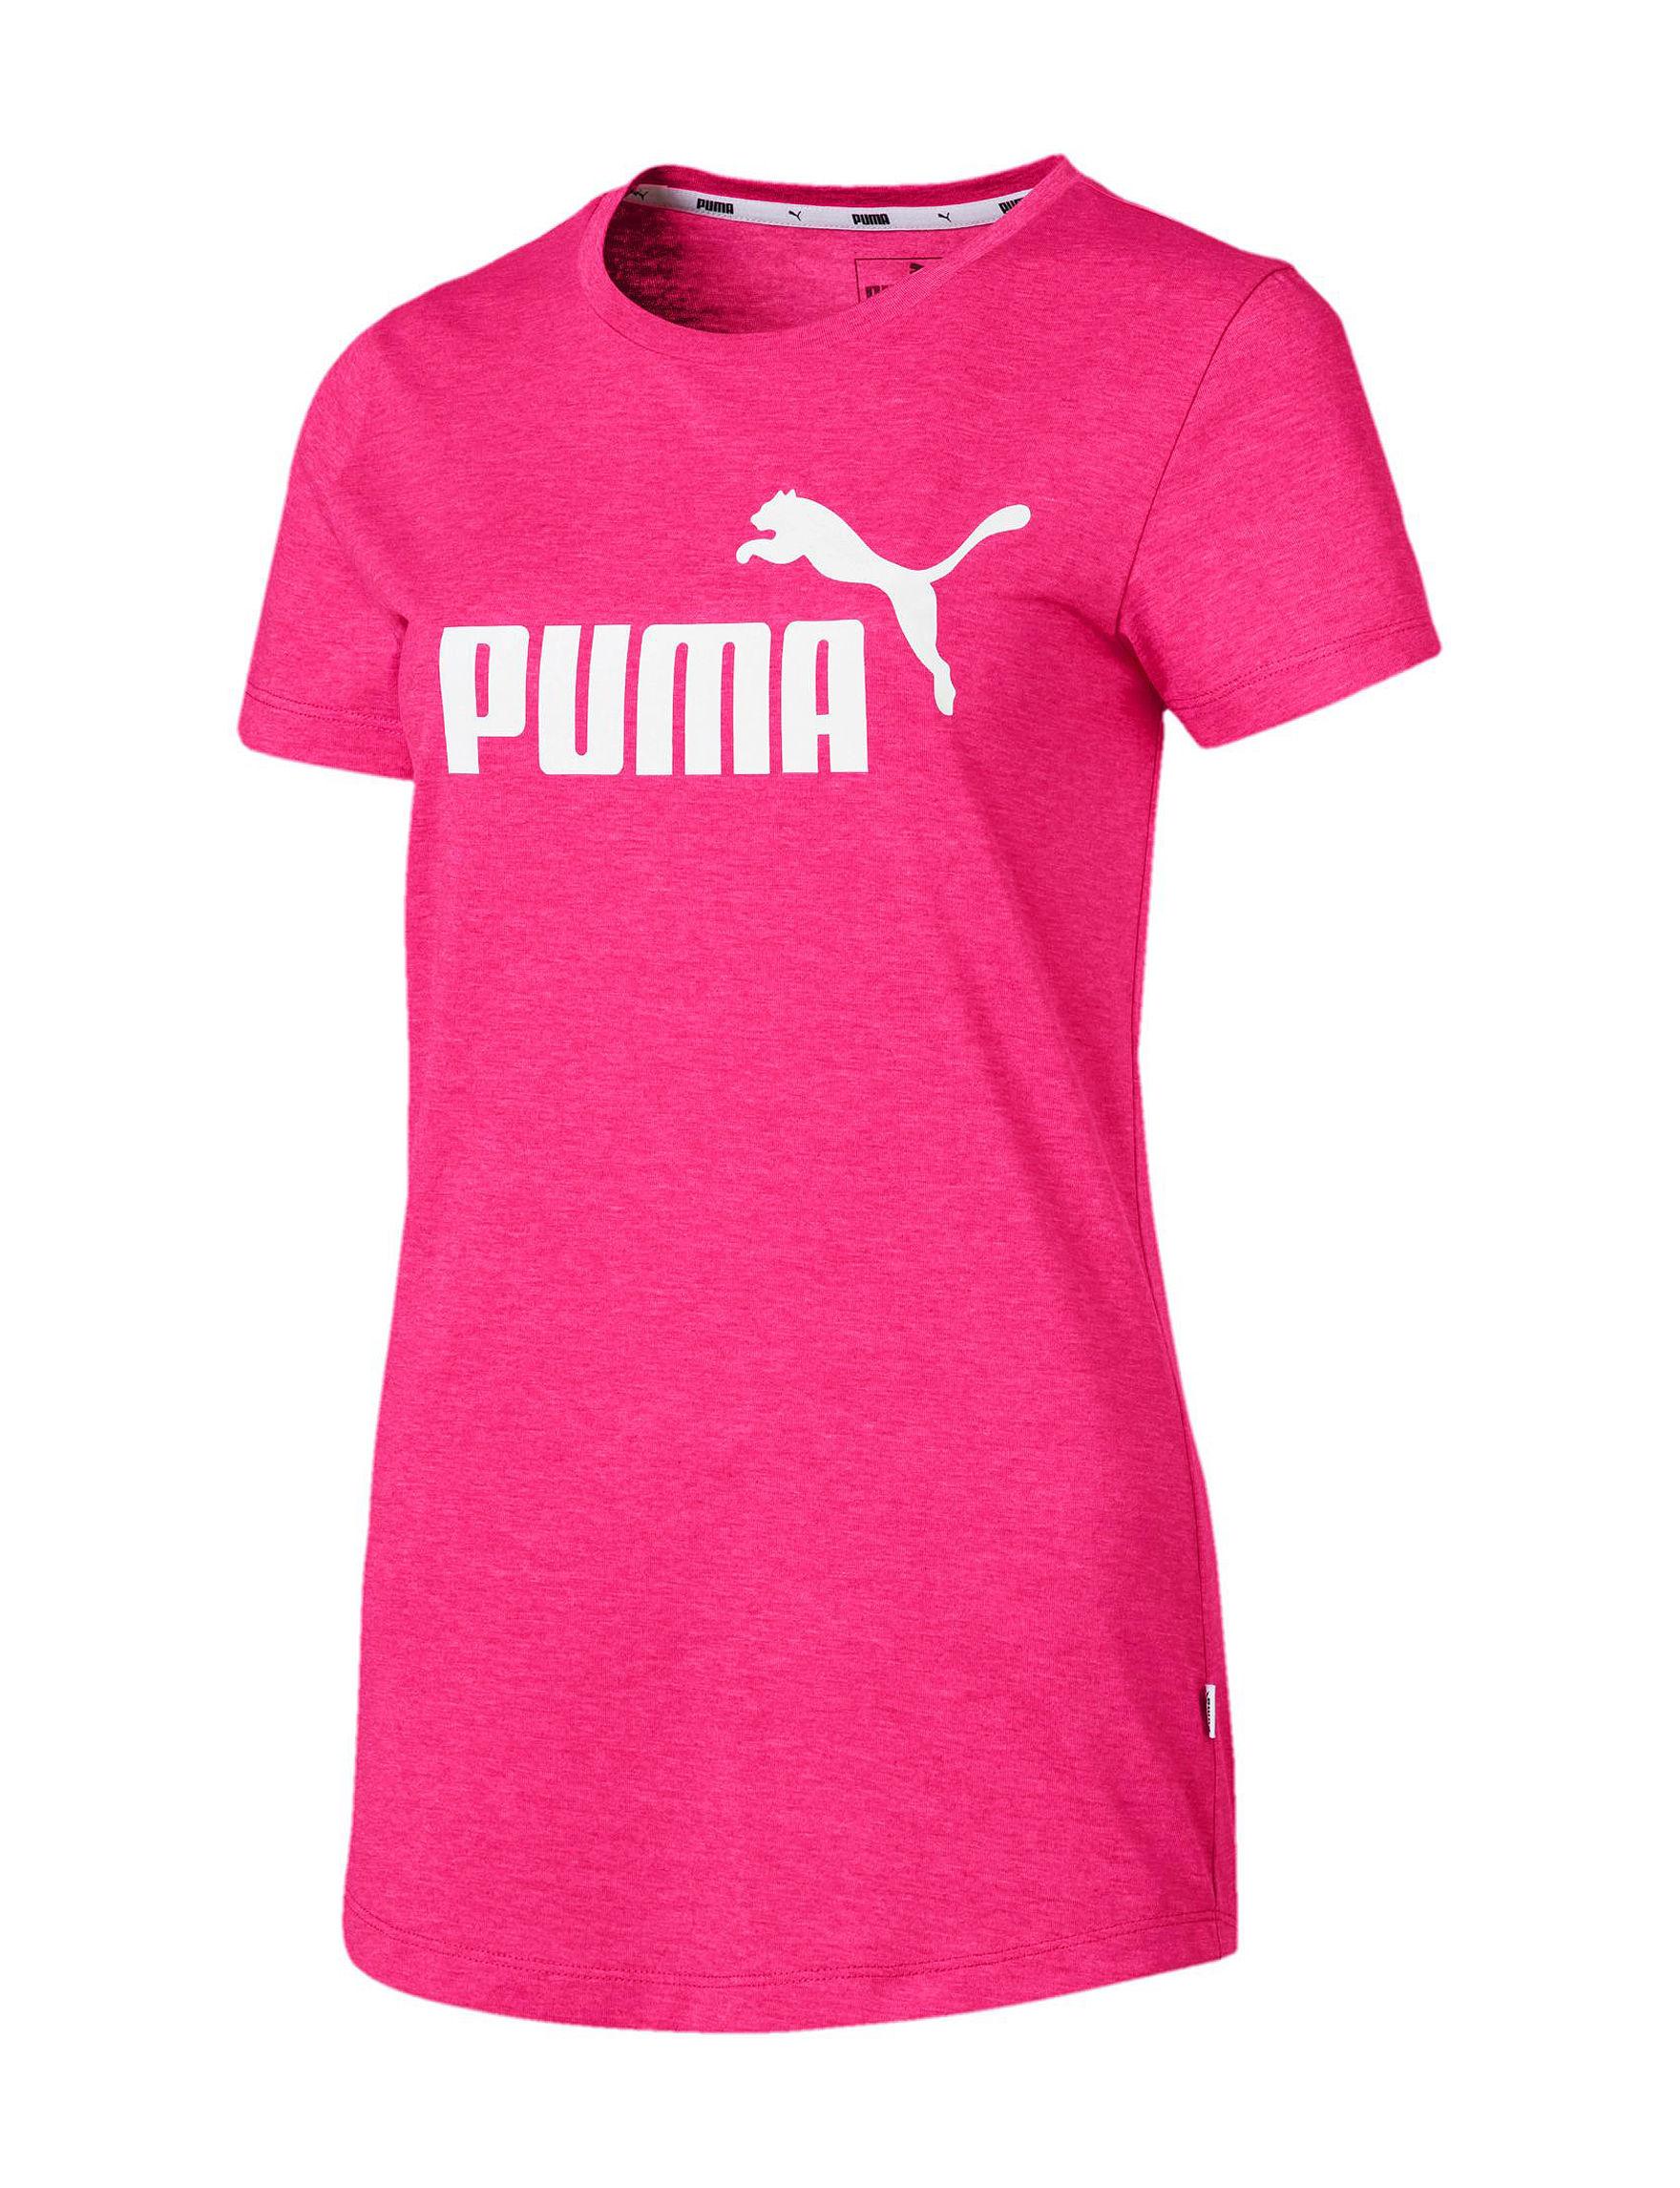 Puma Fuschia Active Tees & Tanks